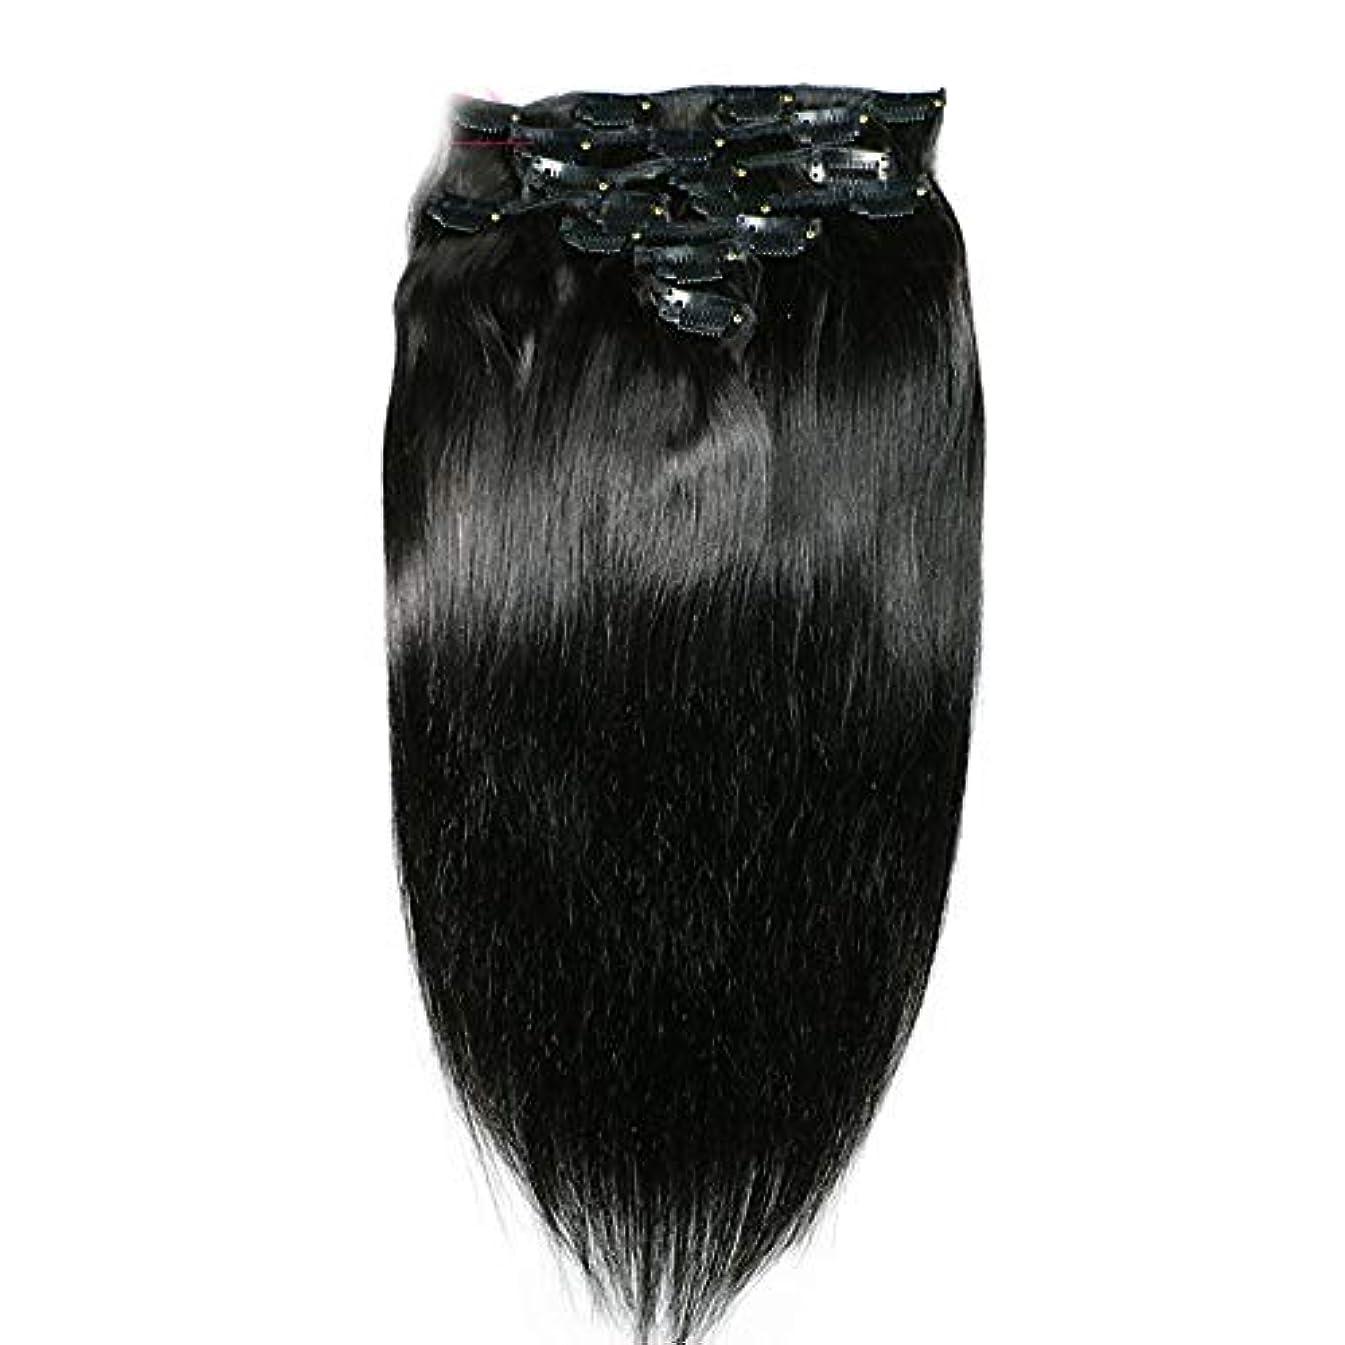 スロットつぶすつぶすHOHYLLYA ヘアエクステンションクリップ人間の髪の毛のremyフルヘッドダブル横糸ストレートヘアピースナチュラルブラックコンポジットヘアレースかつらロールプレイングウィッグロングとショートの女性自然 (色 : 黒,...